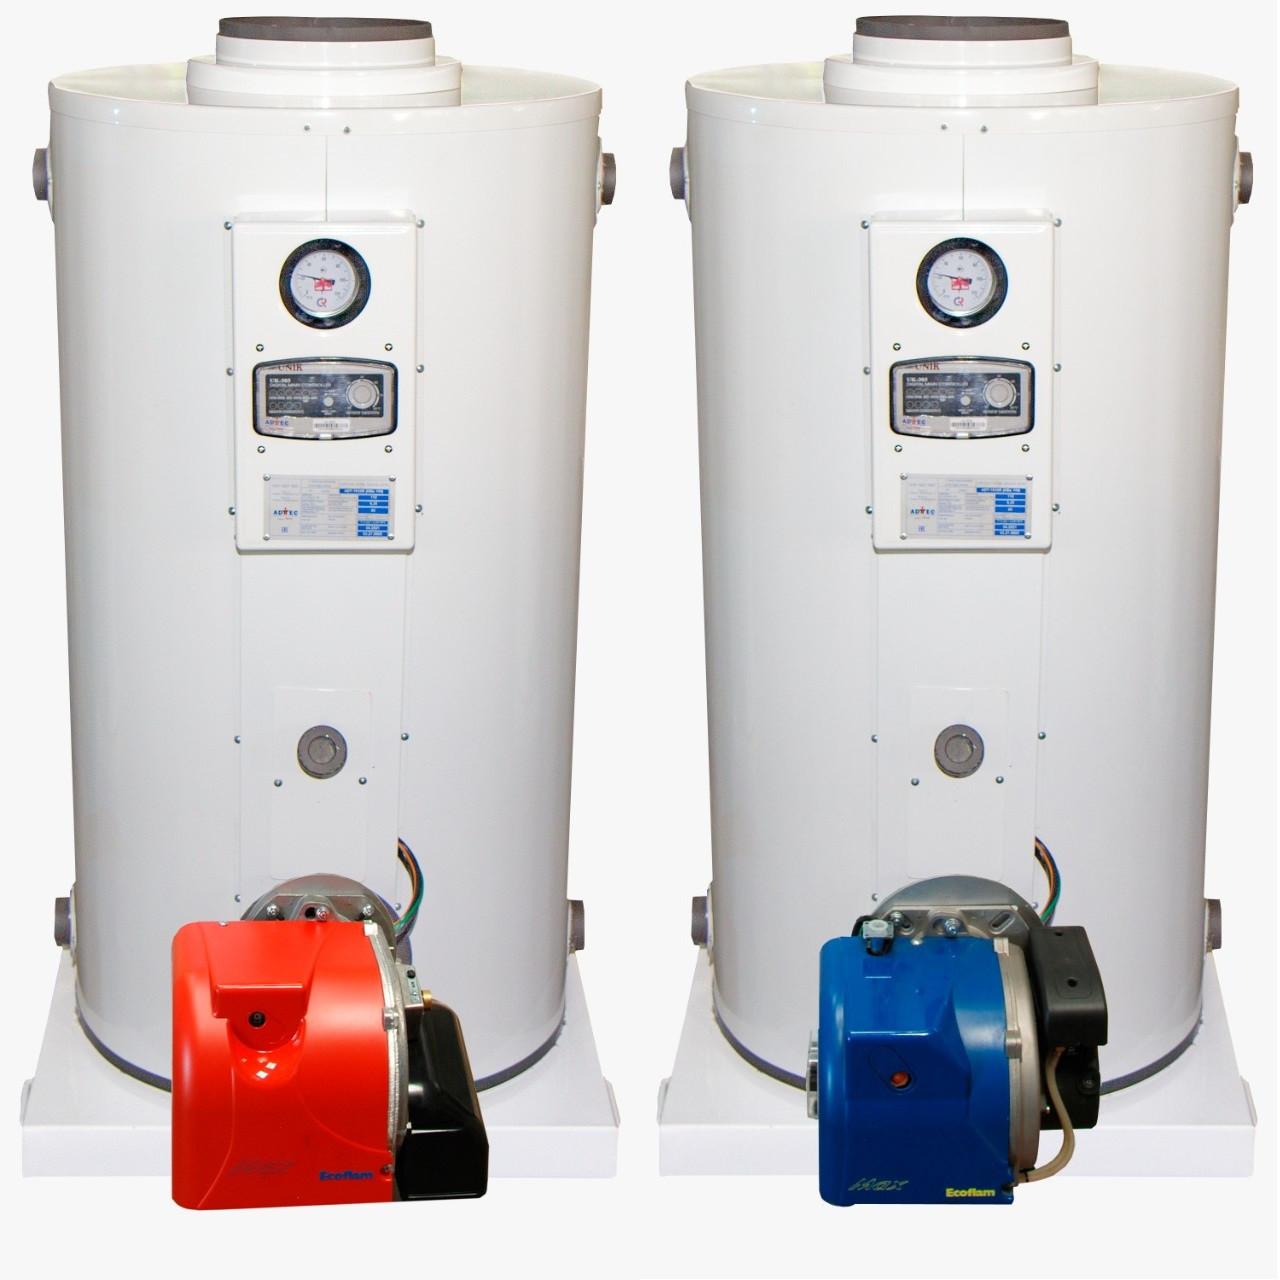 Котел газовый ADT-735 R